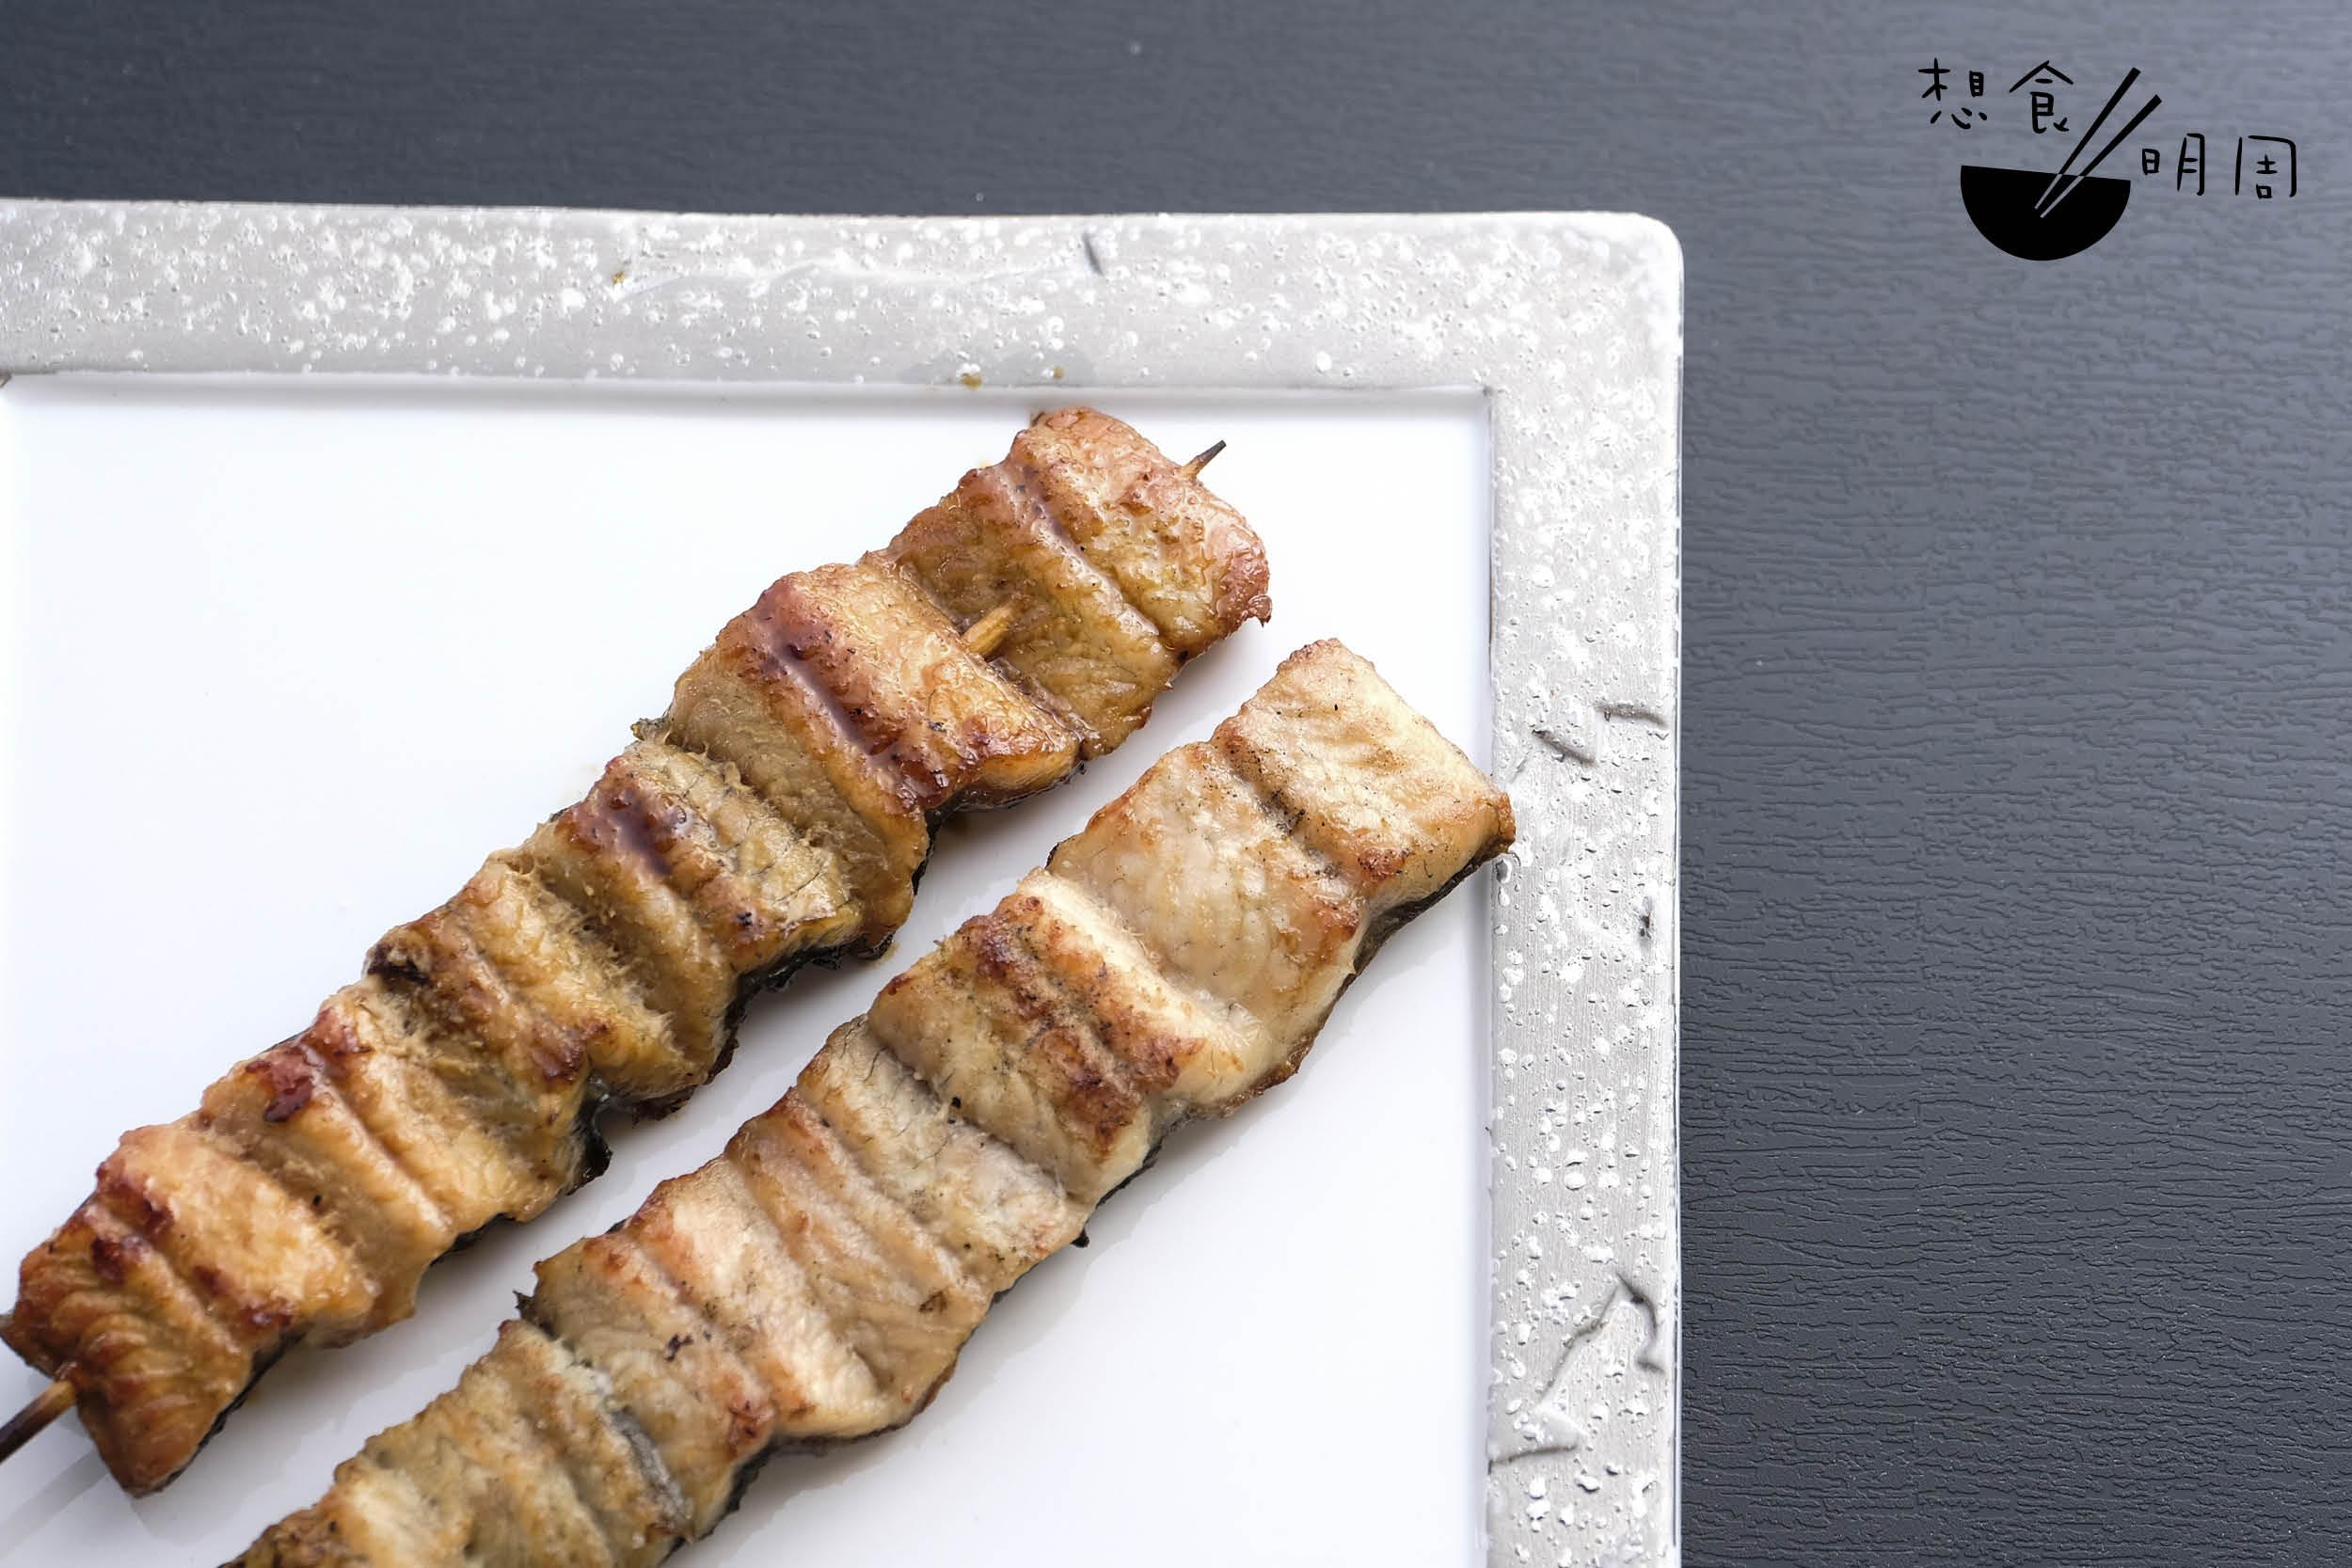 較深色的一串(左)是蒲燒鰻魚串($110),淺色的一串(右)則是白燒鰻魚串($110)。